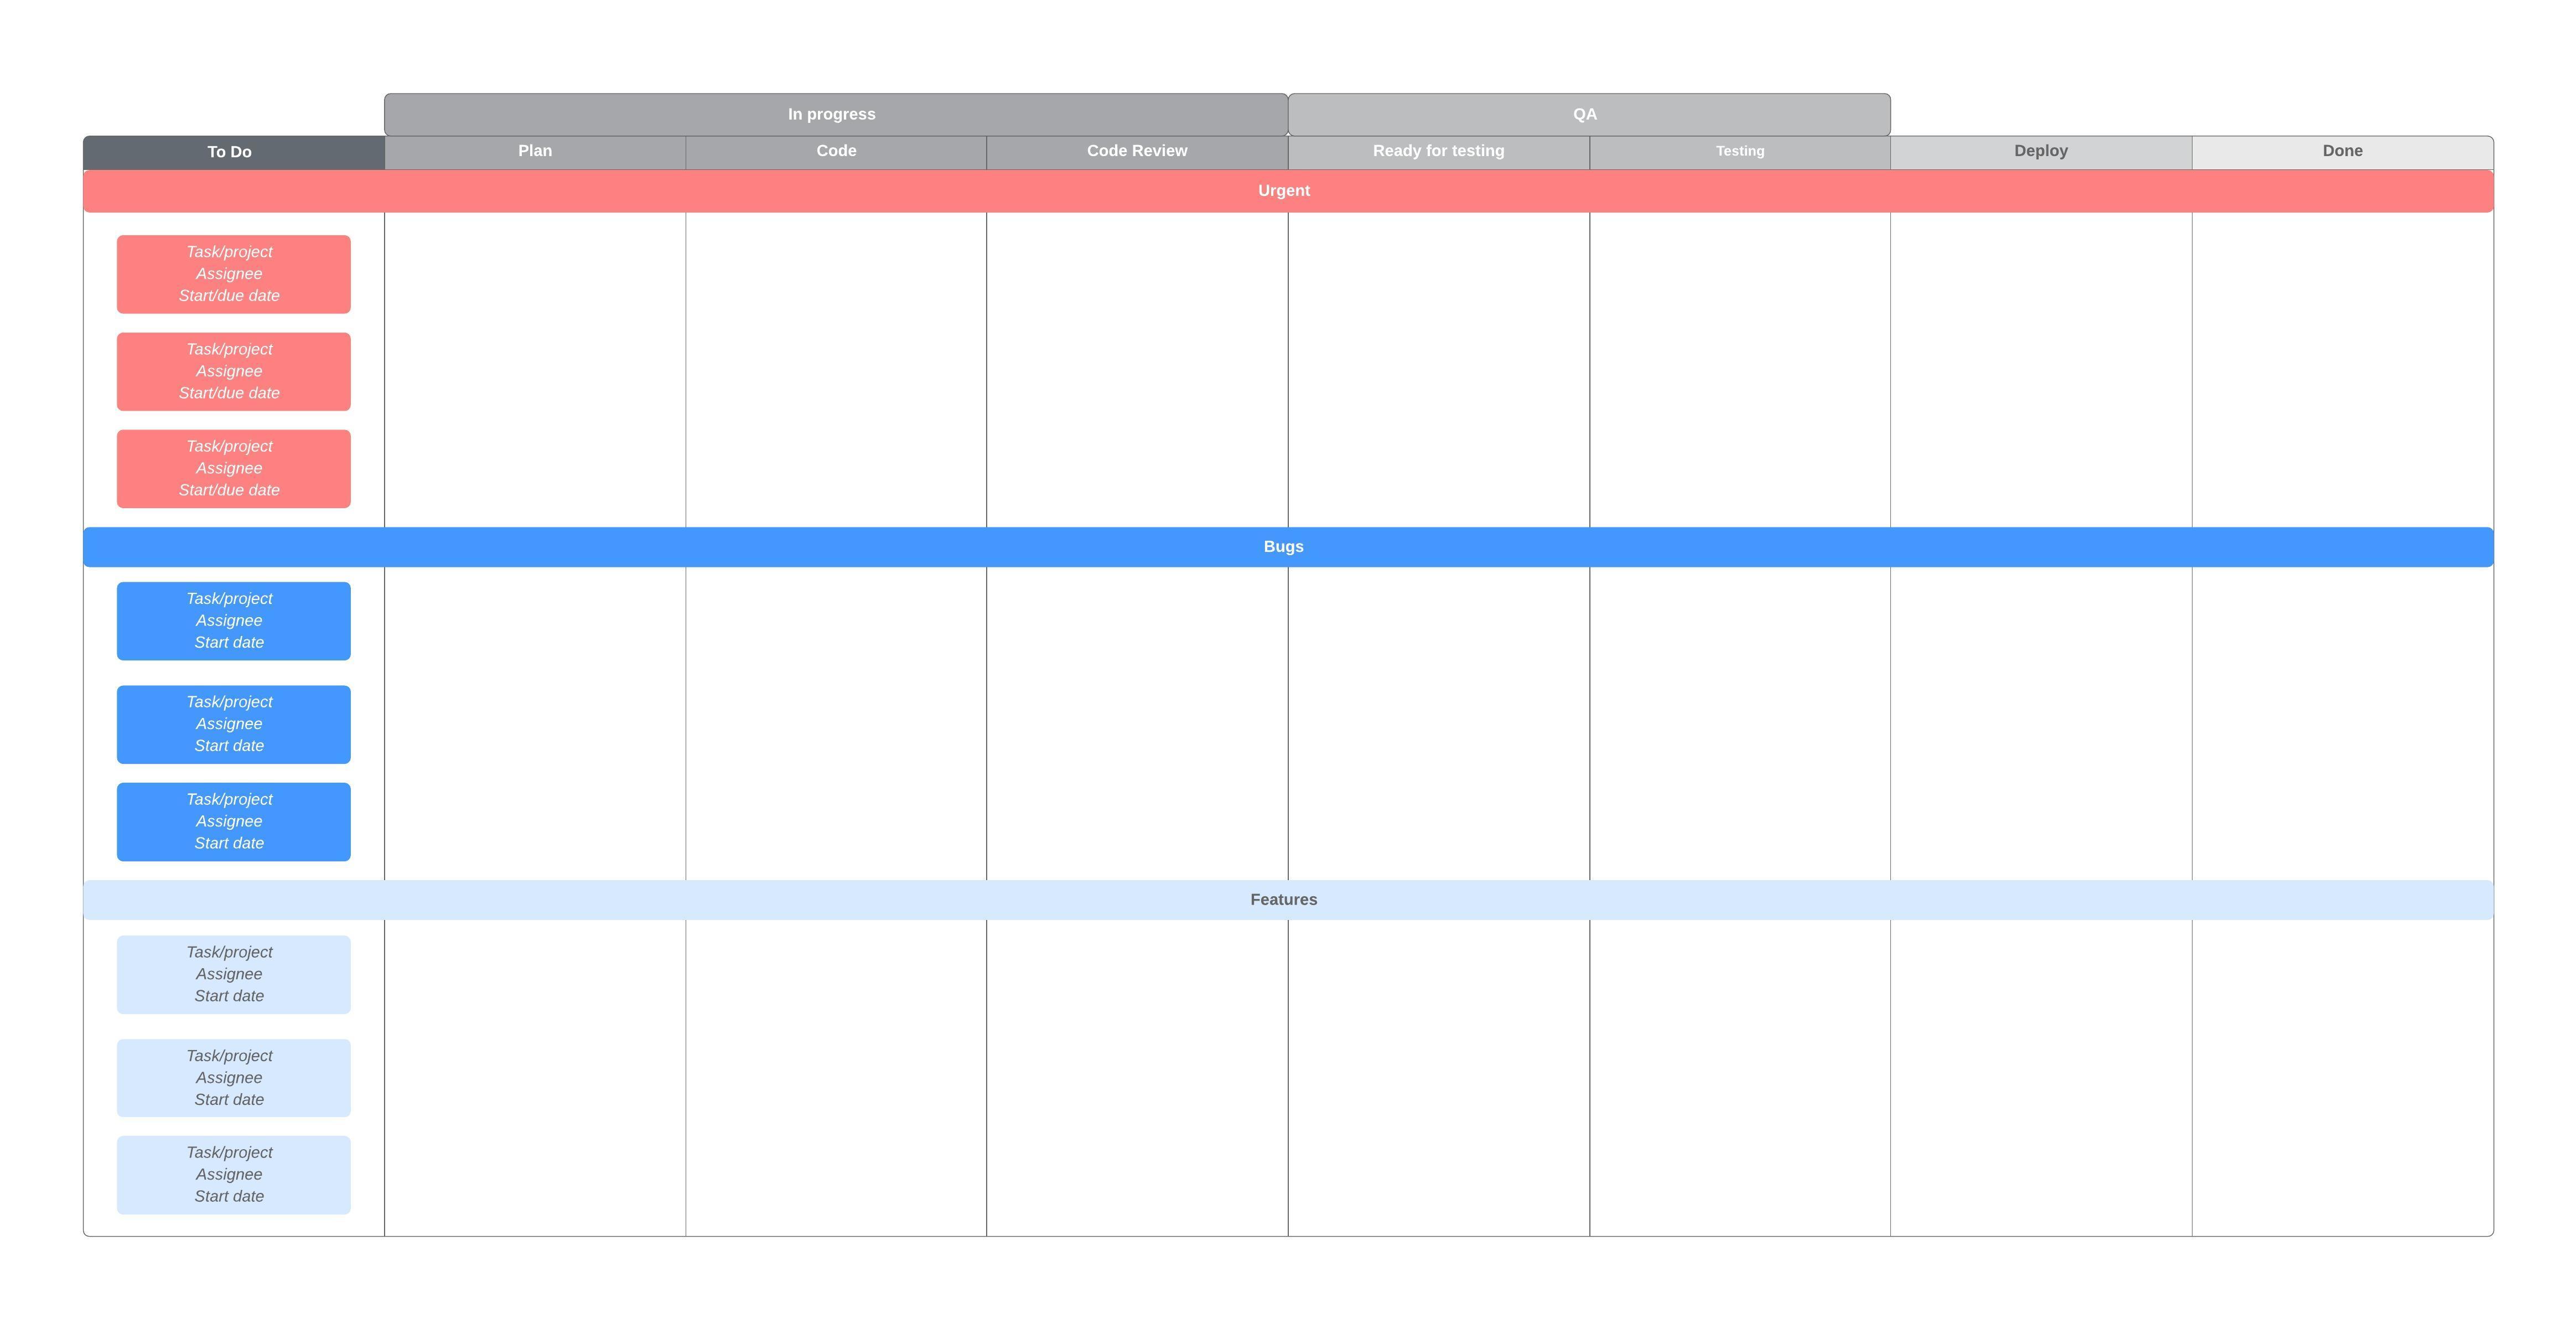 kanboan board by work type template